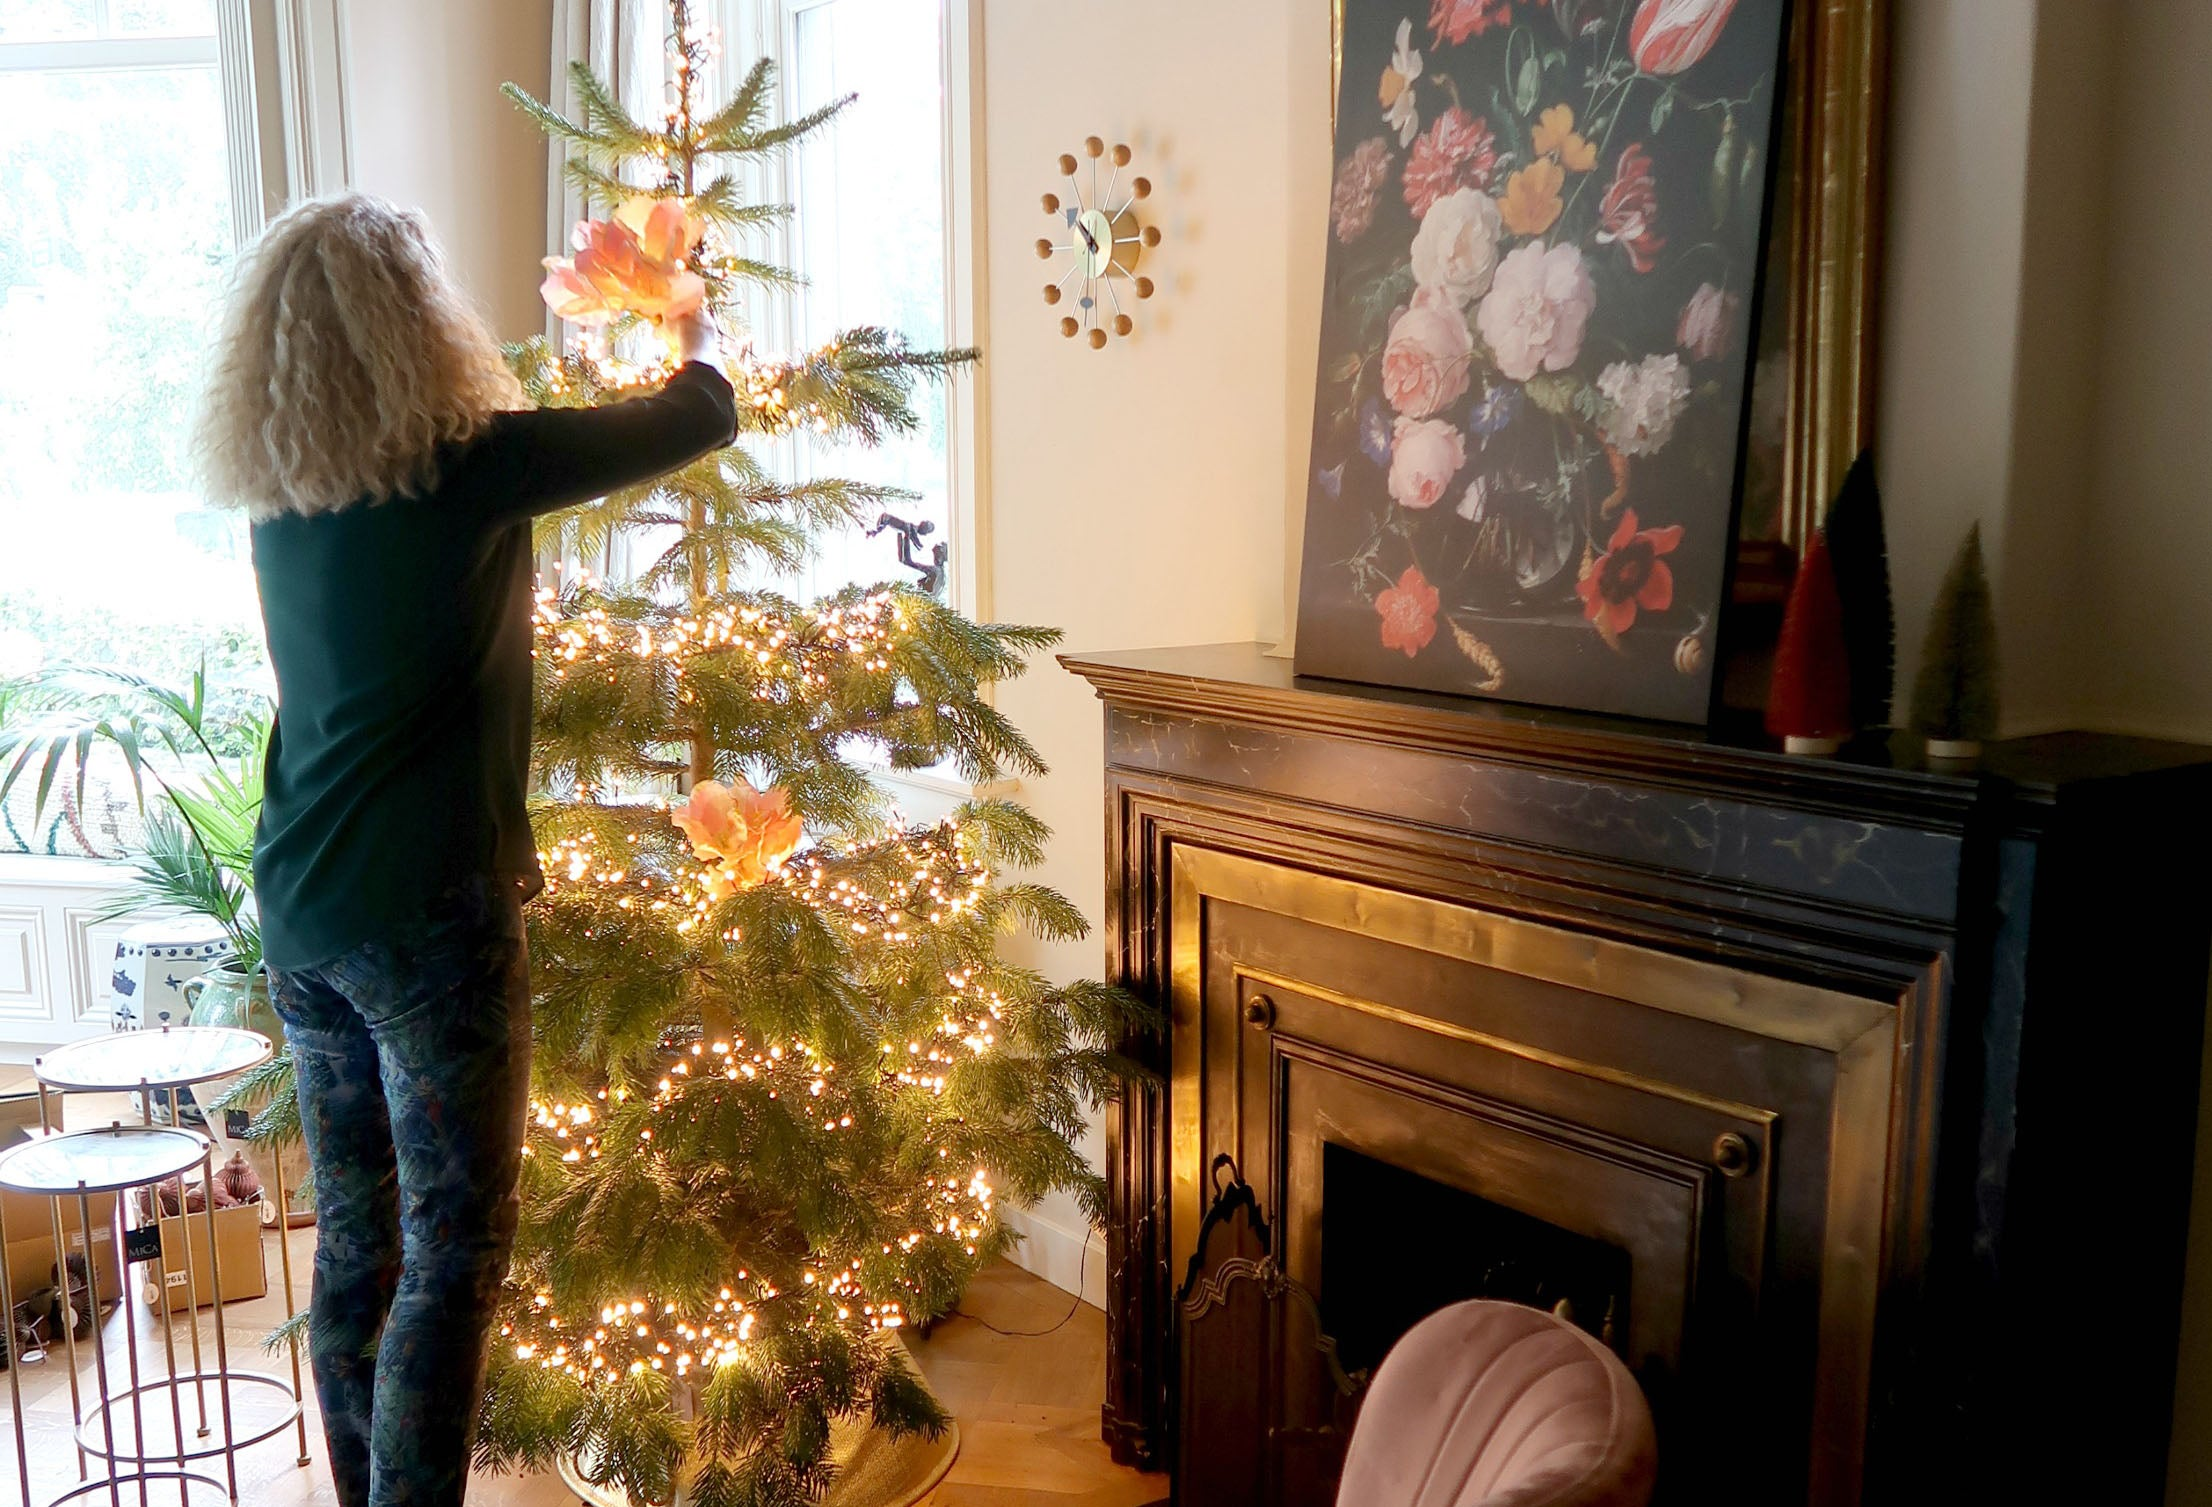 Kerst, kerstboom, kerstverlichting, kerstdecoratie, cadeautjes, kerstspecial, magazine